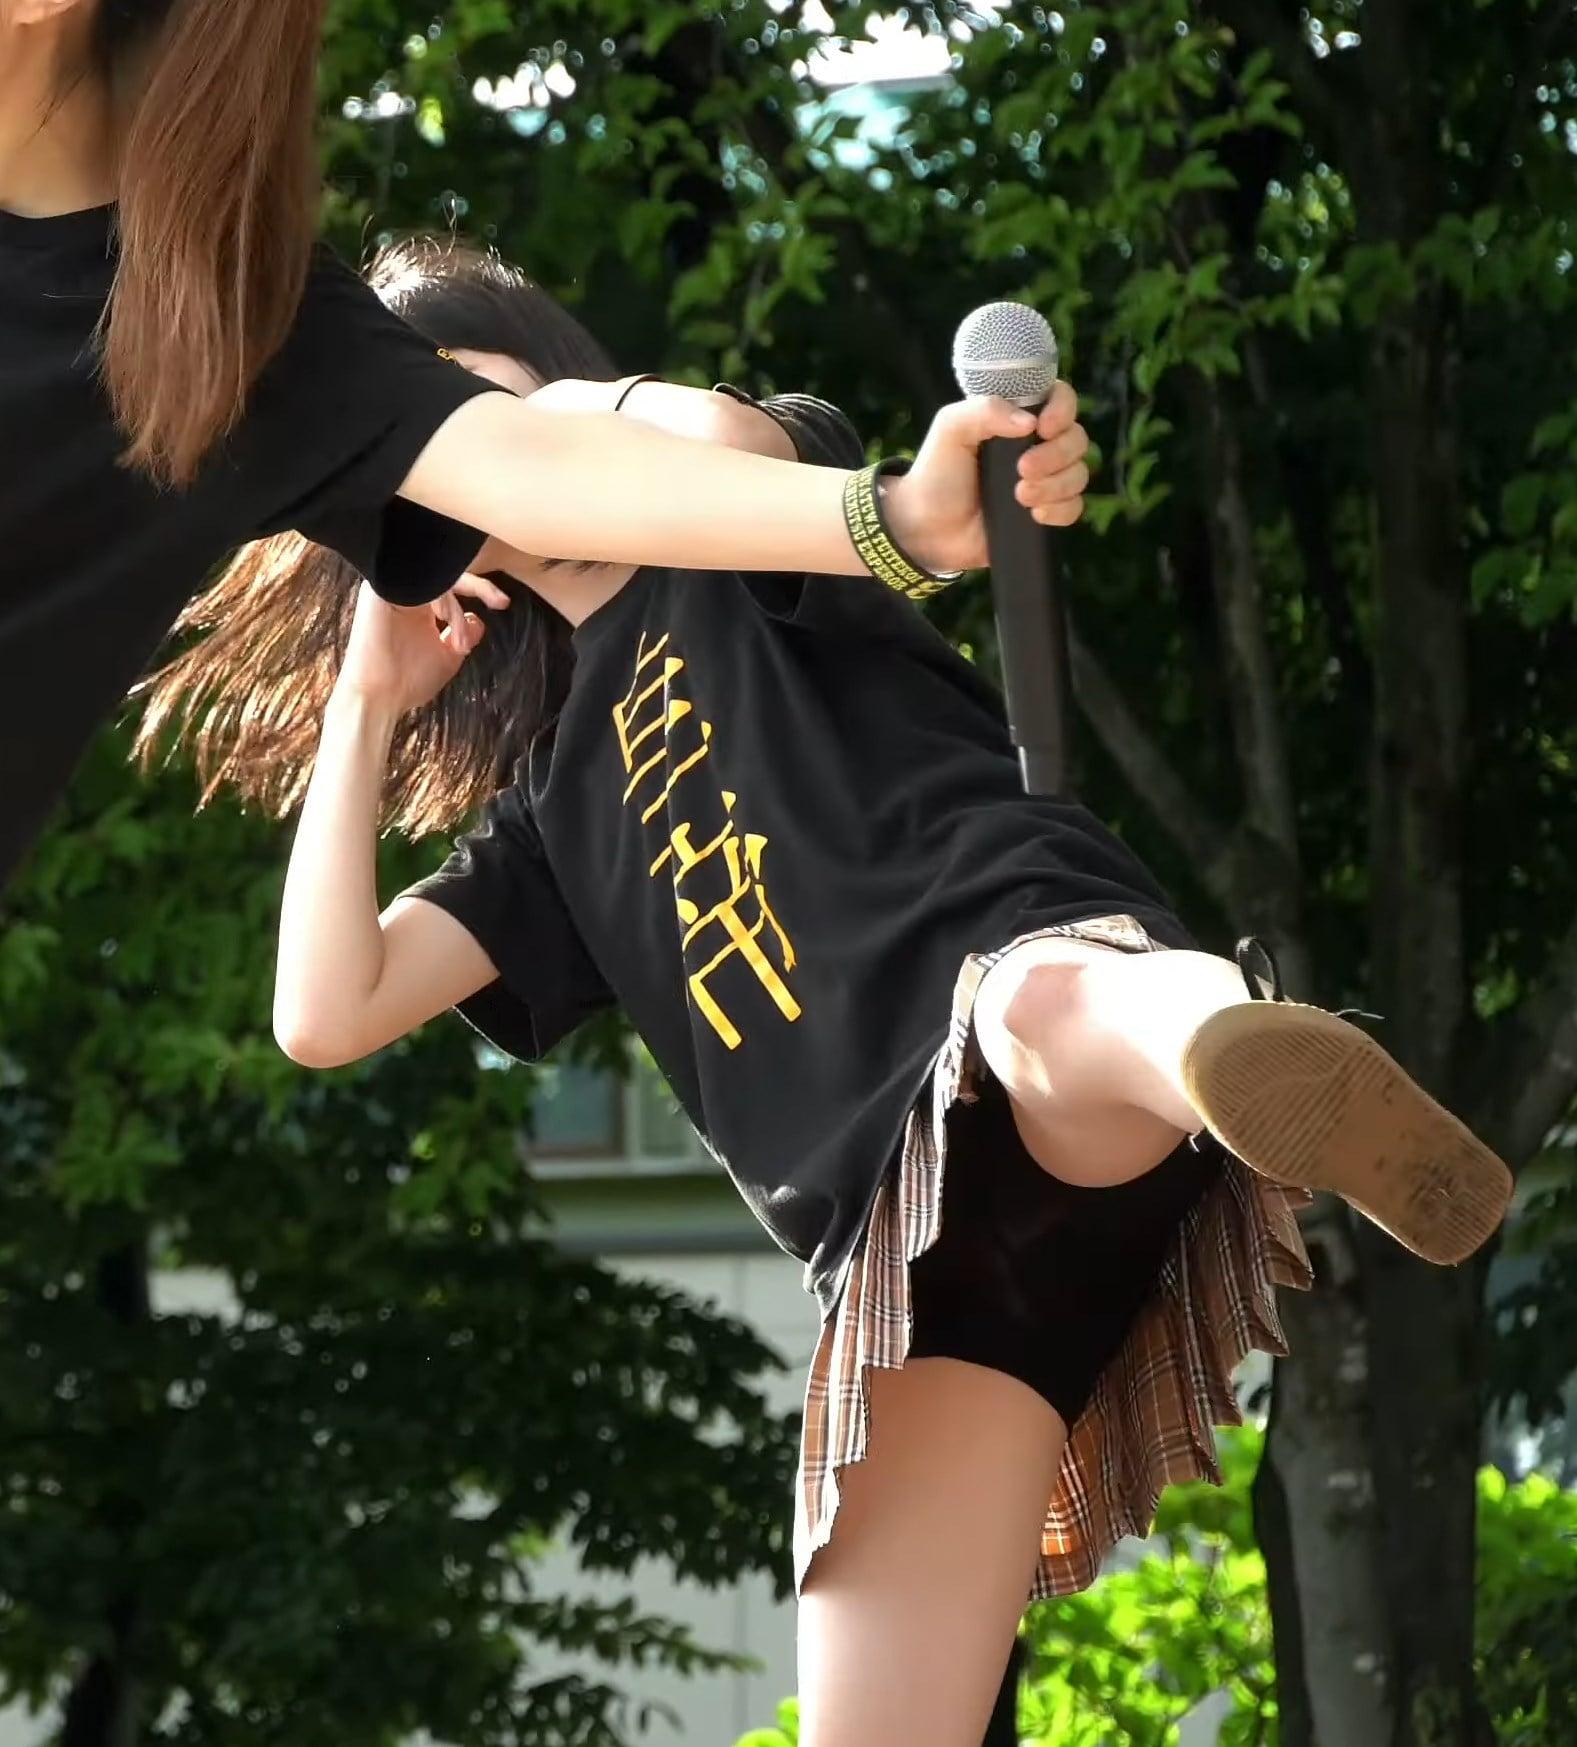 野外ライブで透けパンしてしまうローカルアイドル